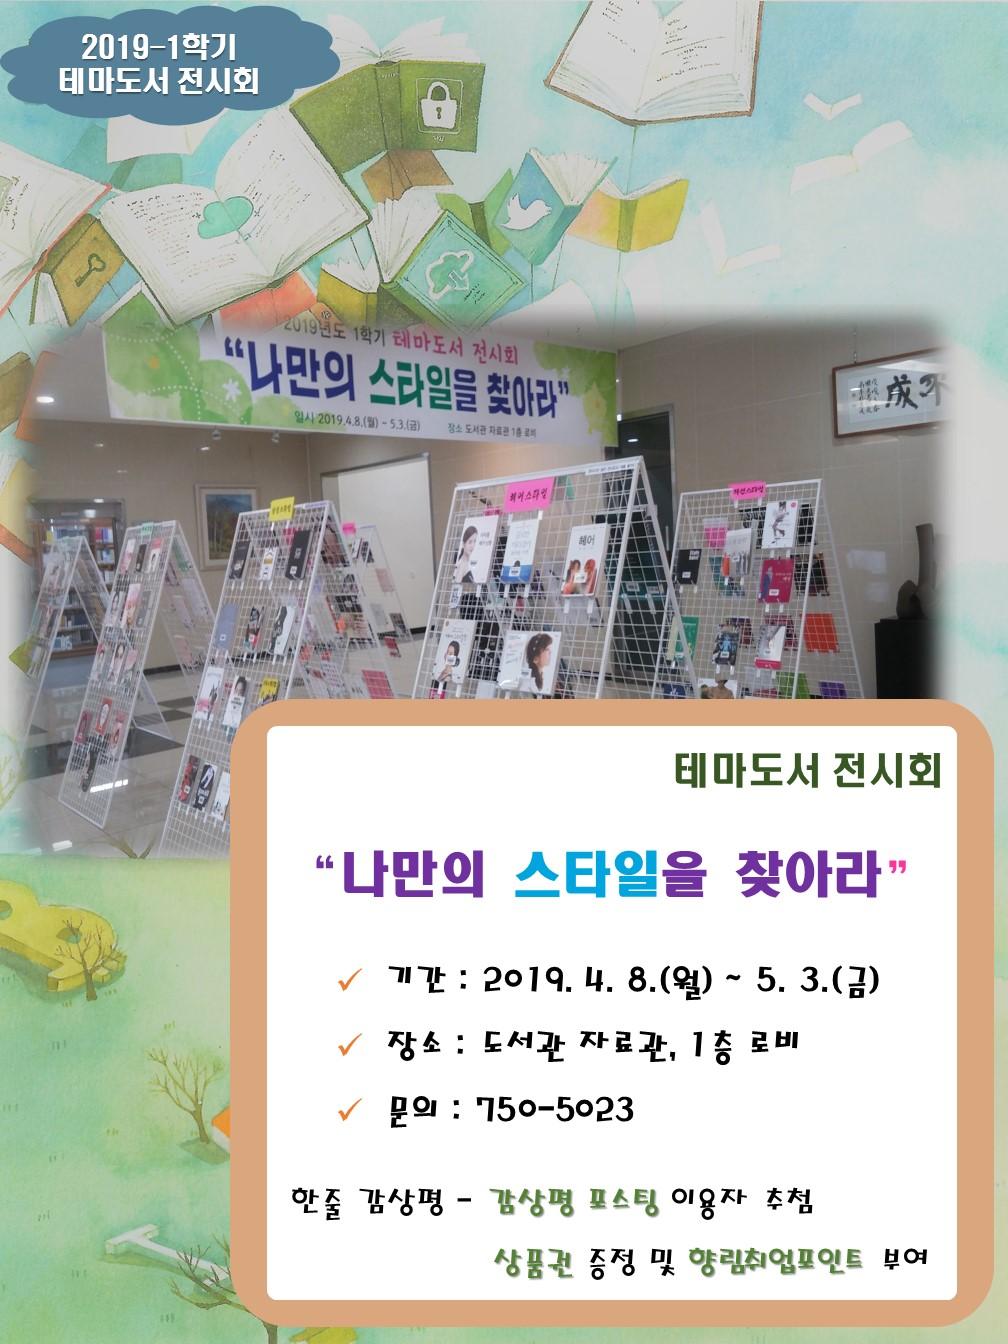 도서관 2019-1학기 테마도서전시회 개최